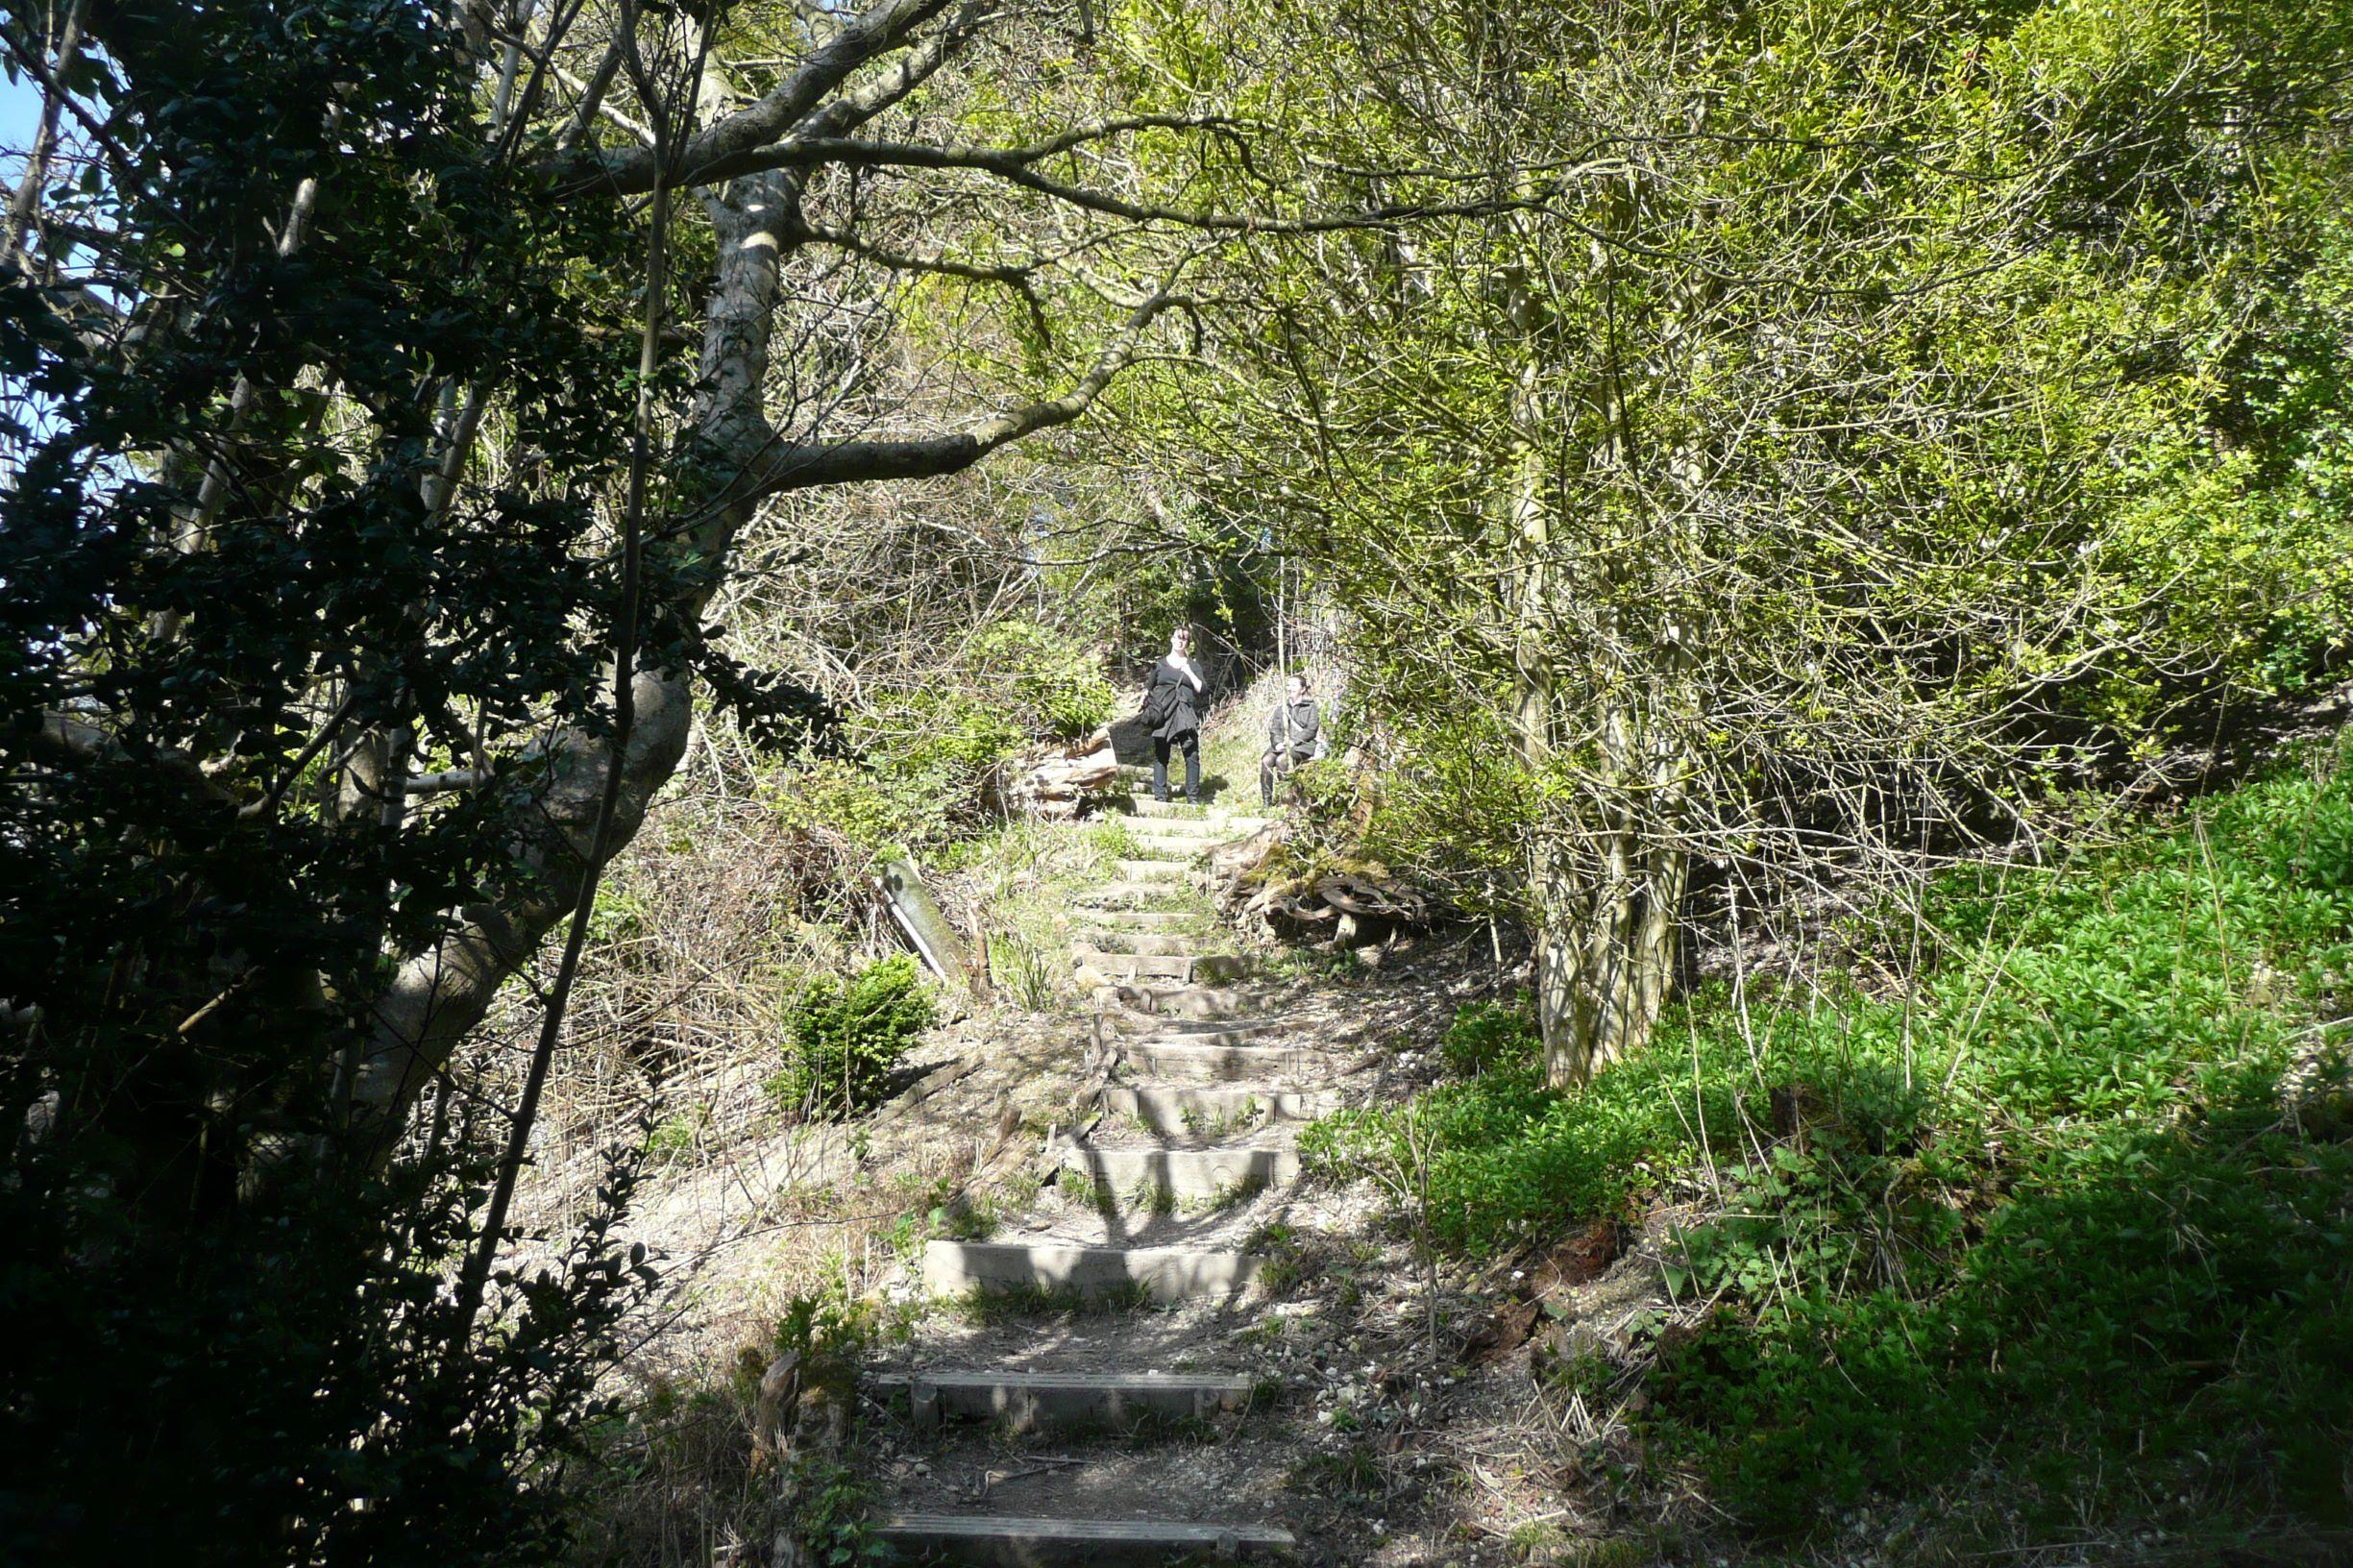 kevésbé rendezett lépcsősor, összesen több mint 170 lépcső vezet le  a Temze partjára